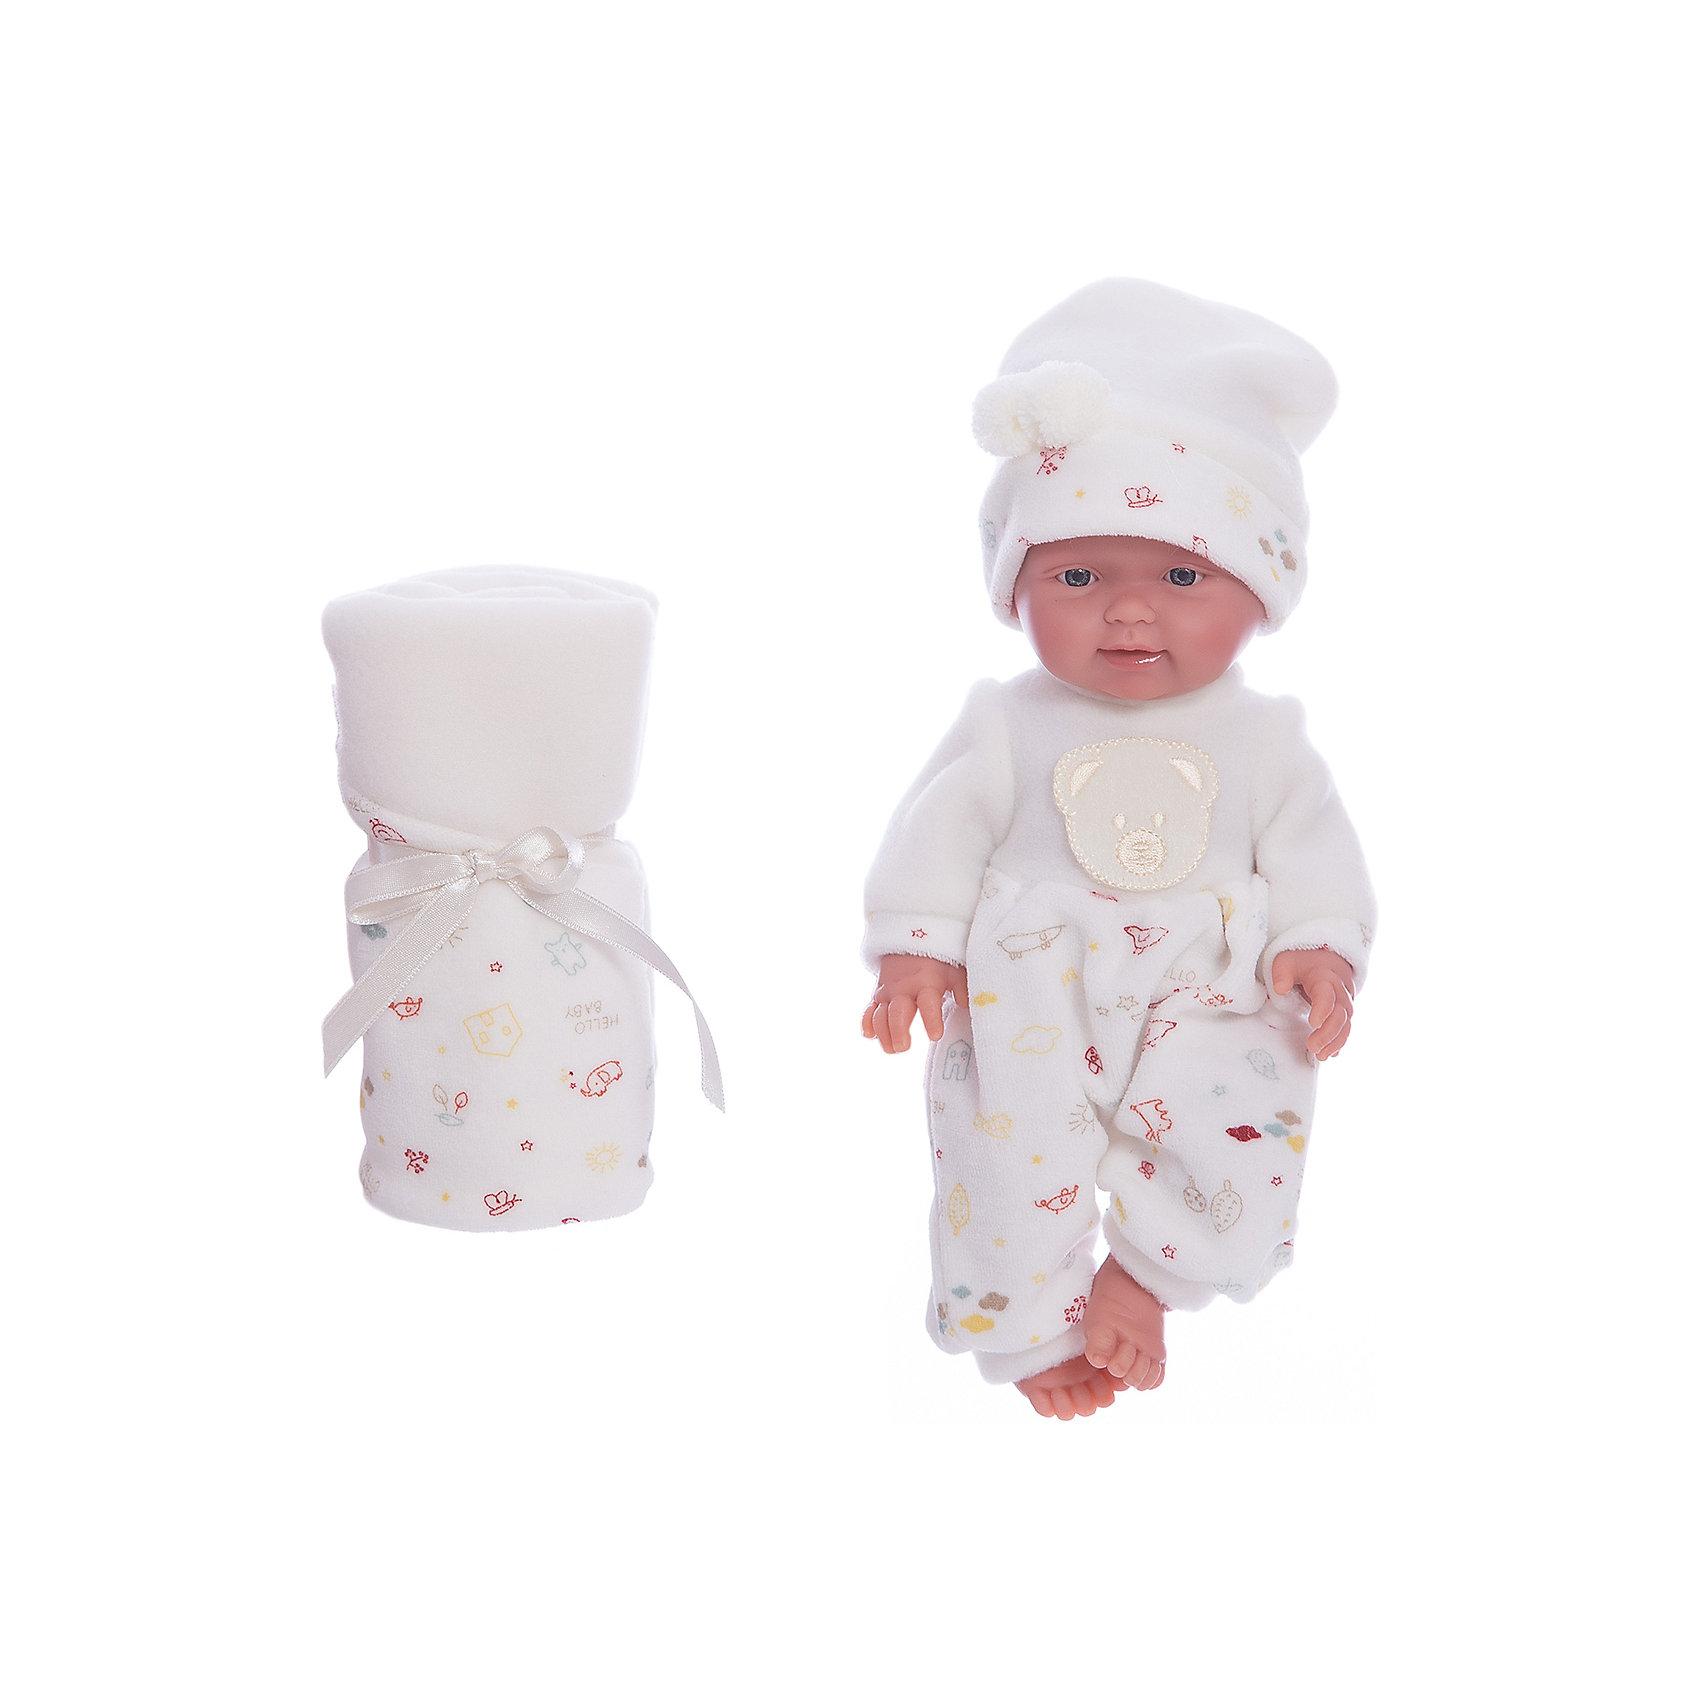 Кукла Бэбитоc одеялом, 26 см, LlorensКуклы<br>Характеристики:<br><br>• Предназначение: для сюжетно-ролевых игр<br>• Тип куклы: мягконабивная<br>• Пол куклы: мальчик <br>• Волосы: прорисованные<br>• Материал: поливинилхлорид, пластик, текстиль<br>• Цвет: белый, бежевый<br>• Высота куклы: 26 см<br>• Комплектация: кукла, комбинезон, шапочка, одеяло<br>• Вес: 666 г<br>• Размеры упаковки (Д*В*Ш): 20*37*10 см<br>• Упаковка: подарочная картонная коробка <br>• Особенности ухода: допускается деликатная стирка без использования красящих и отбеливающих средств предметов одежды куклы<br><br>Кукла Бэбито с одеялом 26 см – пупс, производителем которого является всемирно известный испанский кукольный бренд Llorens. Куклы этой торговой марки имеют свою неповторимую внешность и целую линейку образов как пупсов, так и кукол-малышей. Игрушки выполнены из сочетания поливинилхлорида и пластика, что позволяет с высокой долей достоверности воссоздать физиологические и мимические особенности маленьких детей. При изготовлении кукол Llorens используются только сертифицированные материалы, безопасные и не вызывающие аллергических реакций. Волосы у кукол-пупсов прорисованные; ручки и ножки двигаются.<br>Кукла Бэбито с одеялом 26 см выполнена в образе очаровательного малыша: голубые глазки и пухлые щечки создают невероятно очаровательный и милый образ. В комплект одежды Бэбито входит теплый комбинированный комбинезончик и шапочка. В наборе имеется одеяло-плед.<br>Кукла Бэбито с одеялом 26 см – это идеальный вариант для подарка к различным праздникам и торжествам.<br><br>Куклу Бэбито с одеялом 26 см можно купить в нашем интернет-магазине.<br><br>Ширина мм: 20<br>Глубина мм: 37<br>Высота мм: 10<br>Вес г: 666<br>Возраст от месяцев: 36<br>Возраст до месяцев: 84<br>Пол: Женский<br>Возраст: Детский<br>SKU: 5086924